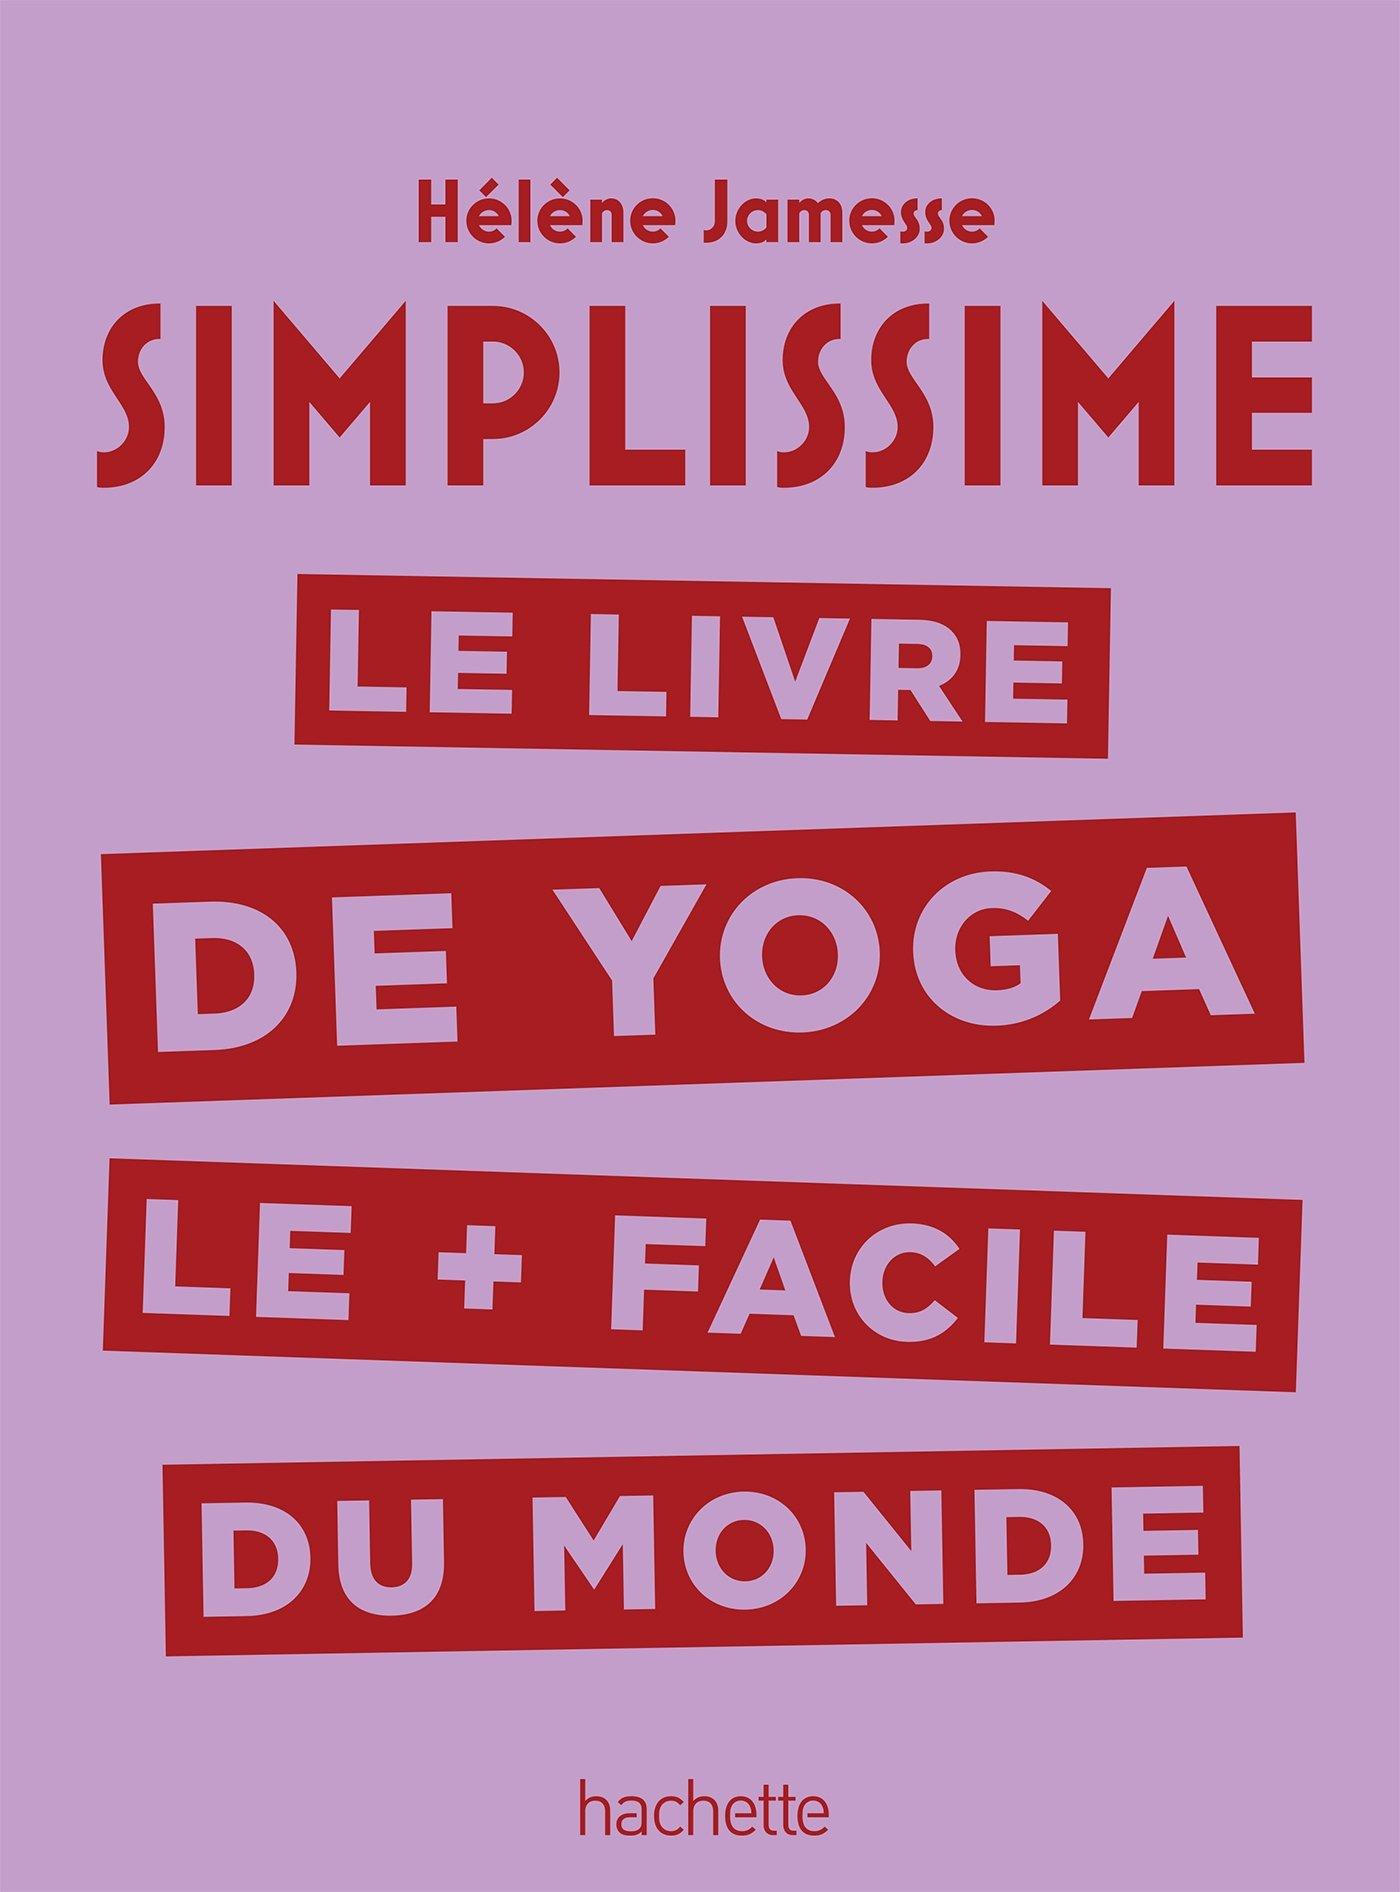 Le livre de yoga le plus facile du monde: 9782016261927 ...